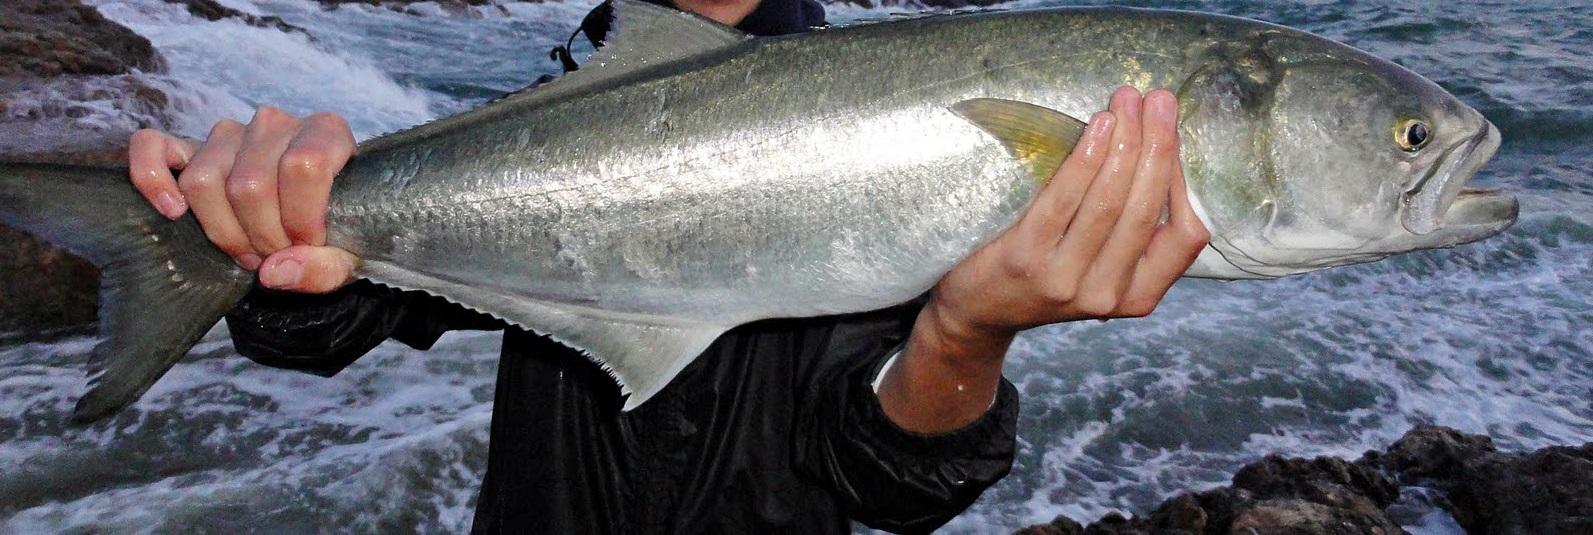 Las 5 mejores especies de peces para pescar en verano - Todo para la pesca (2)